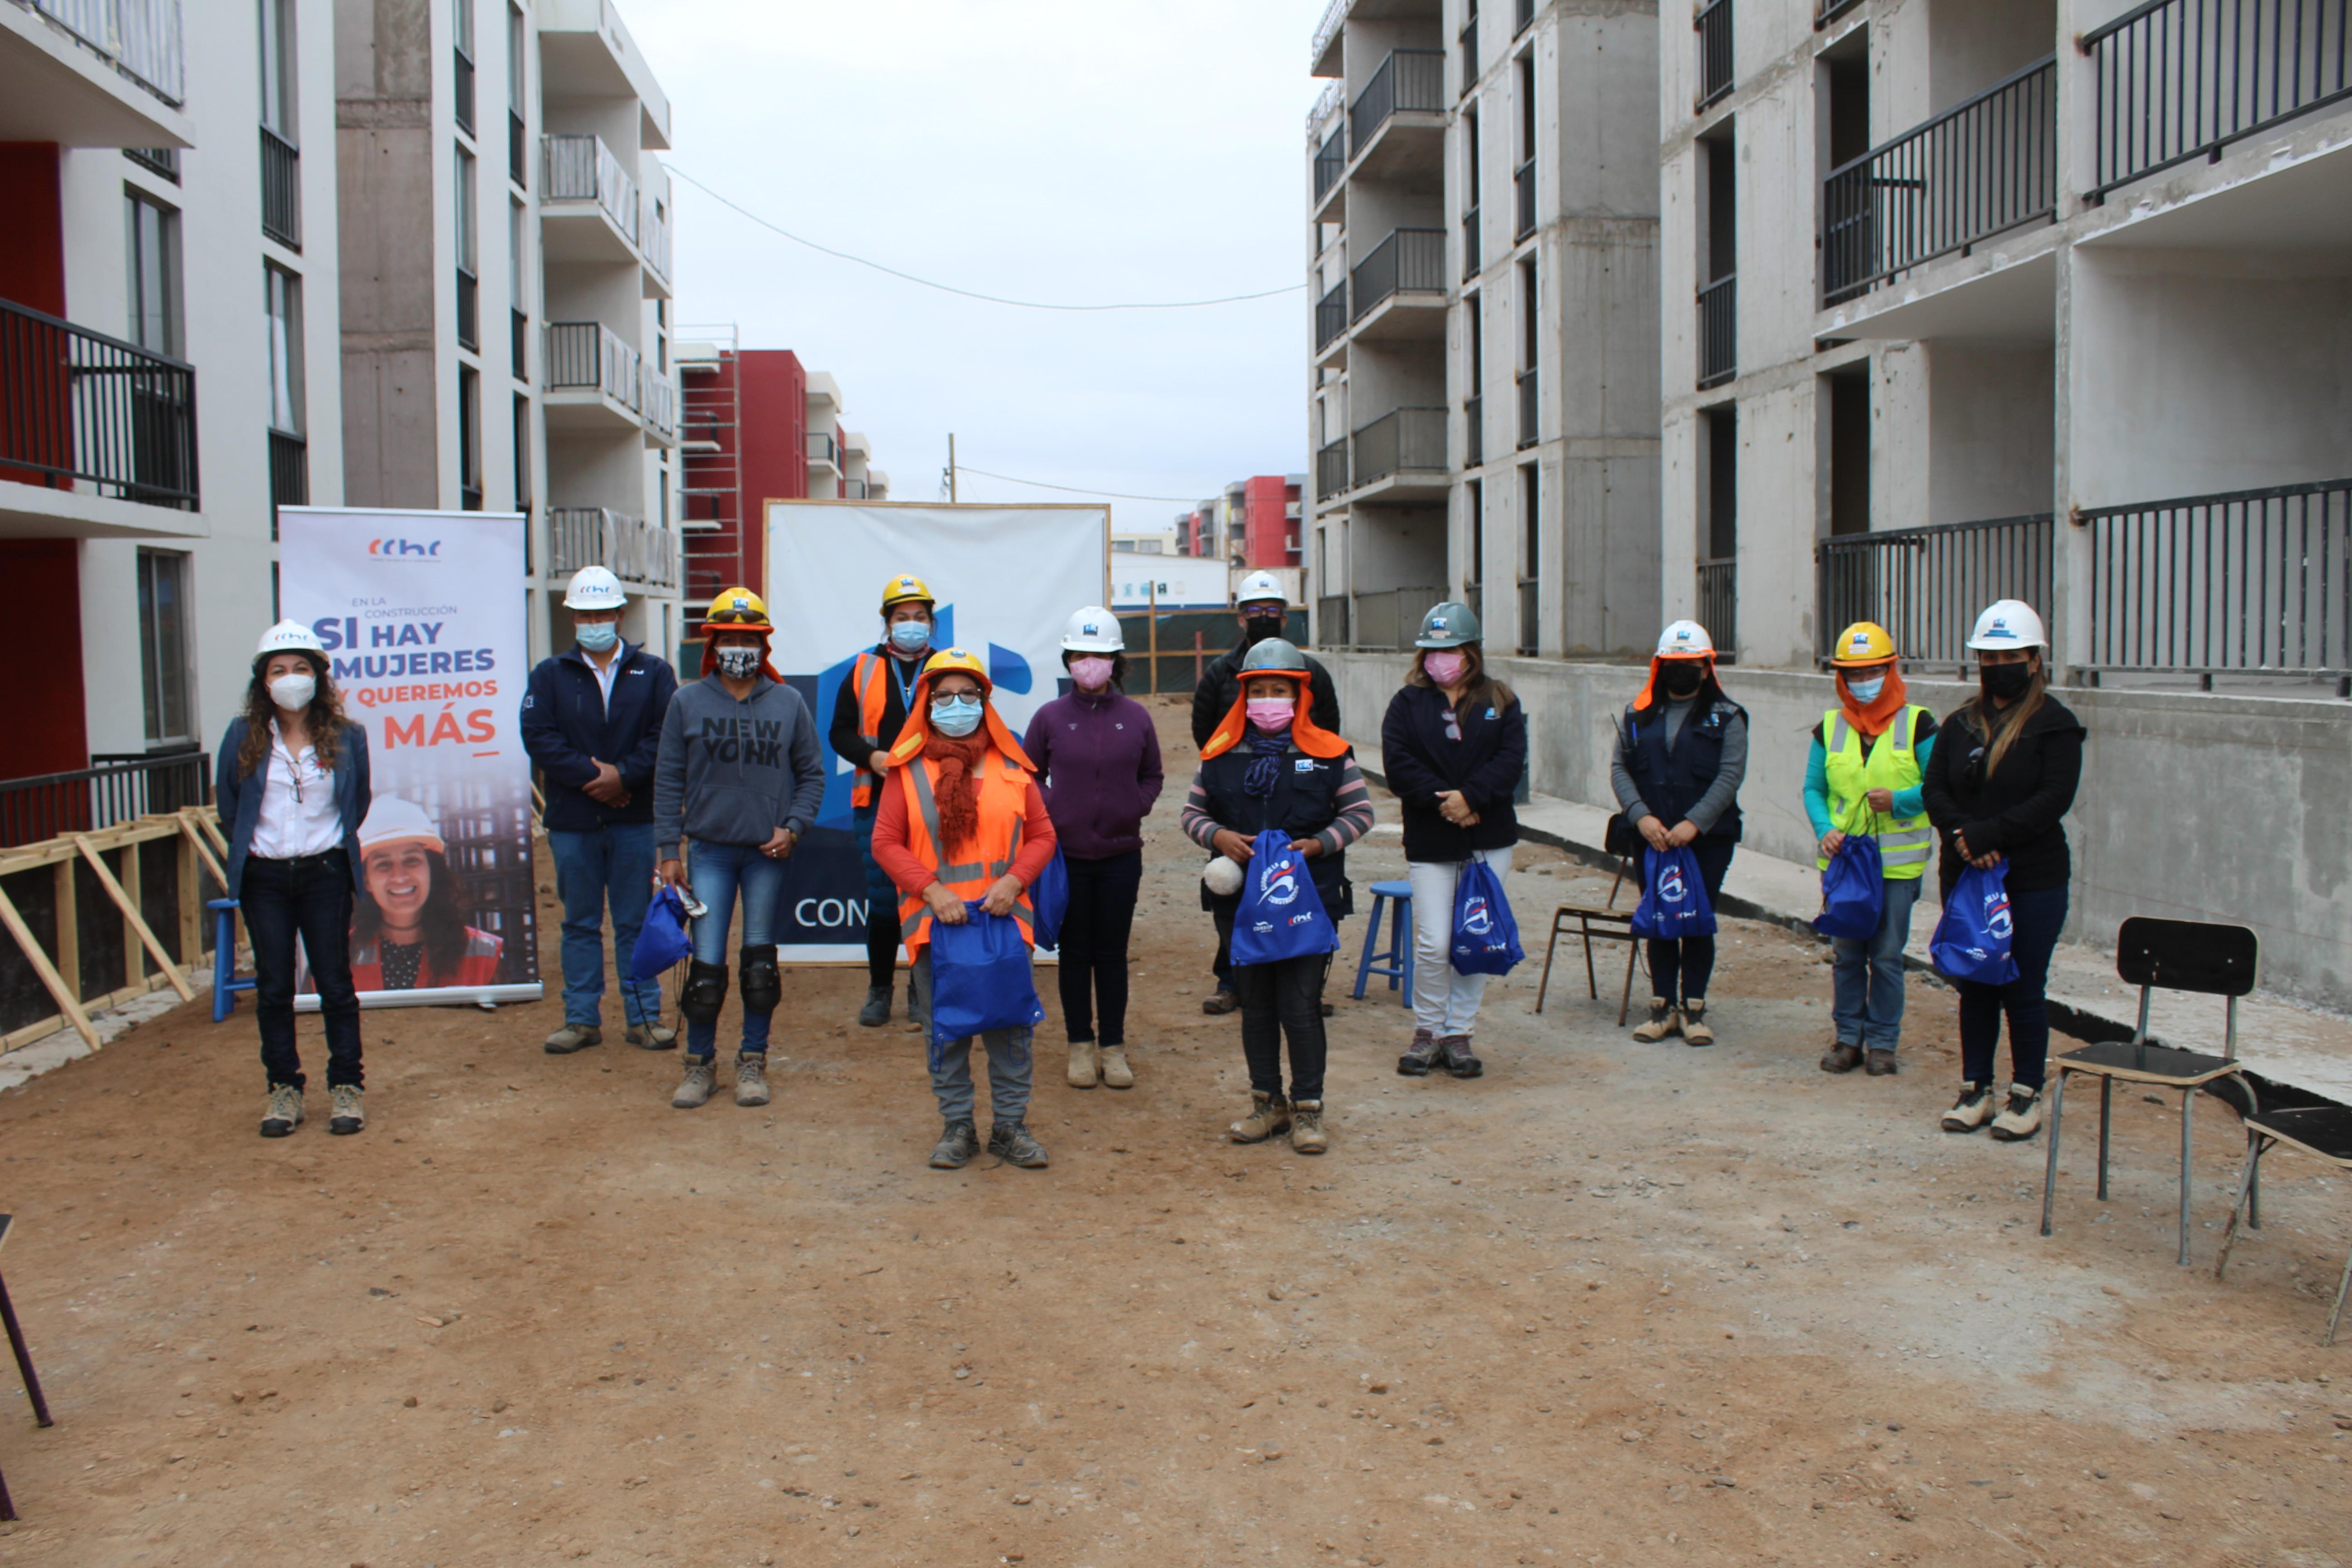 """Empresas Pacal y DyR también manifestaron: """"En la construcción sí hay mujeres"""" noticias"""